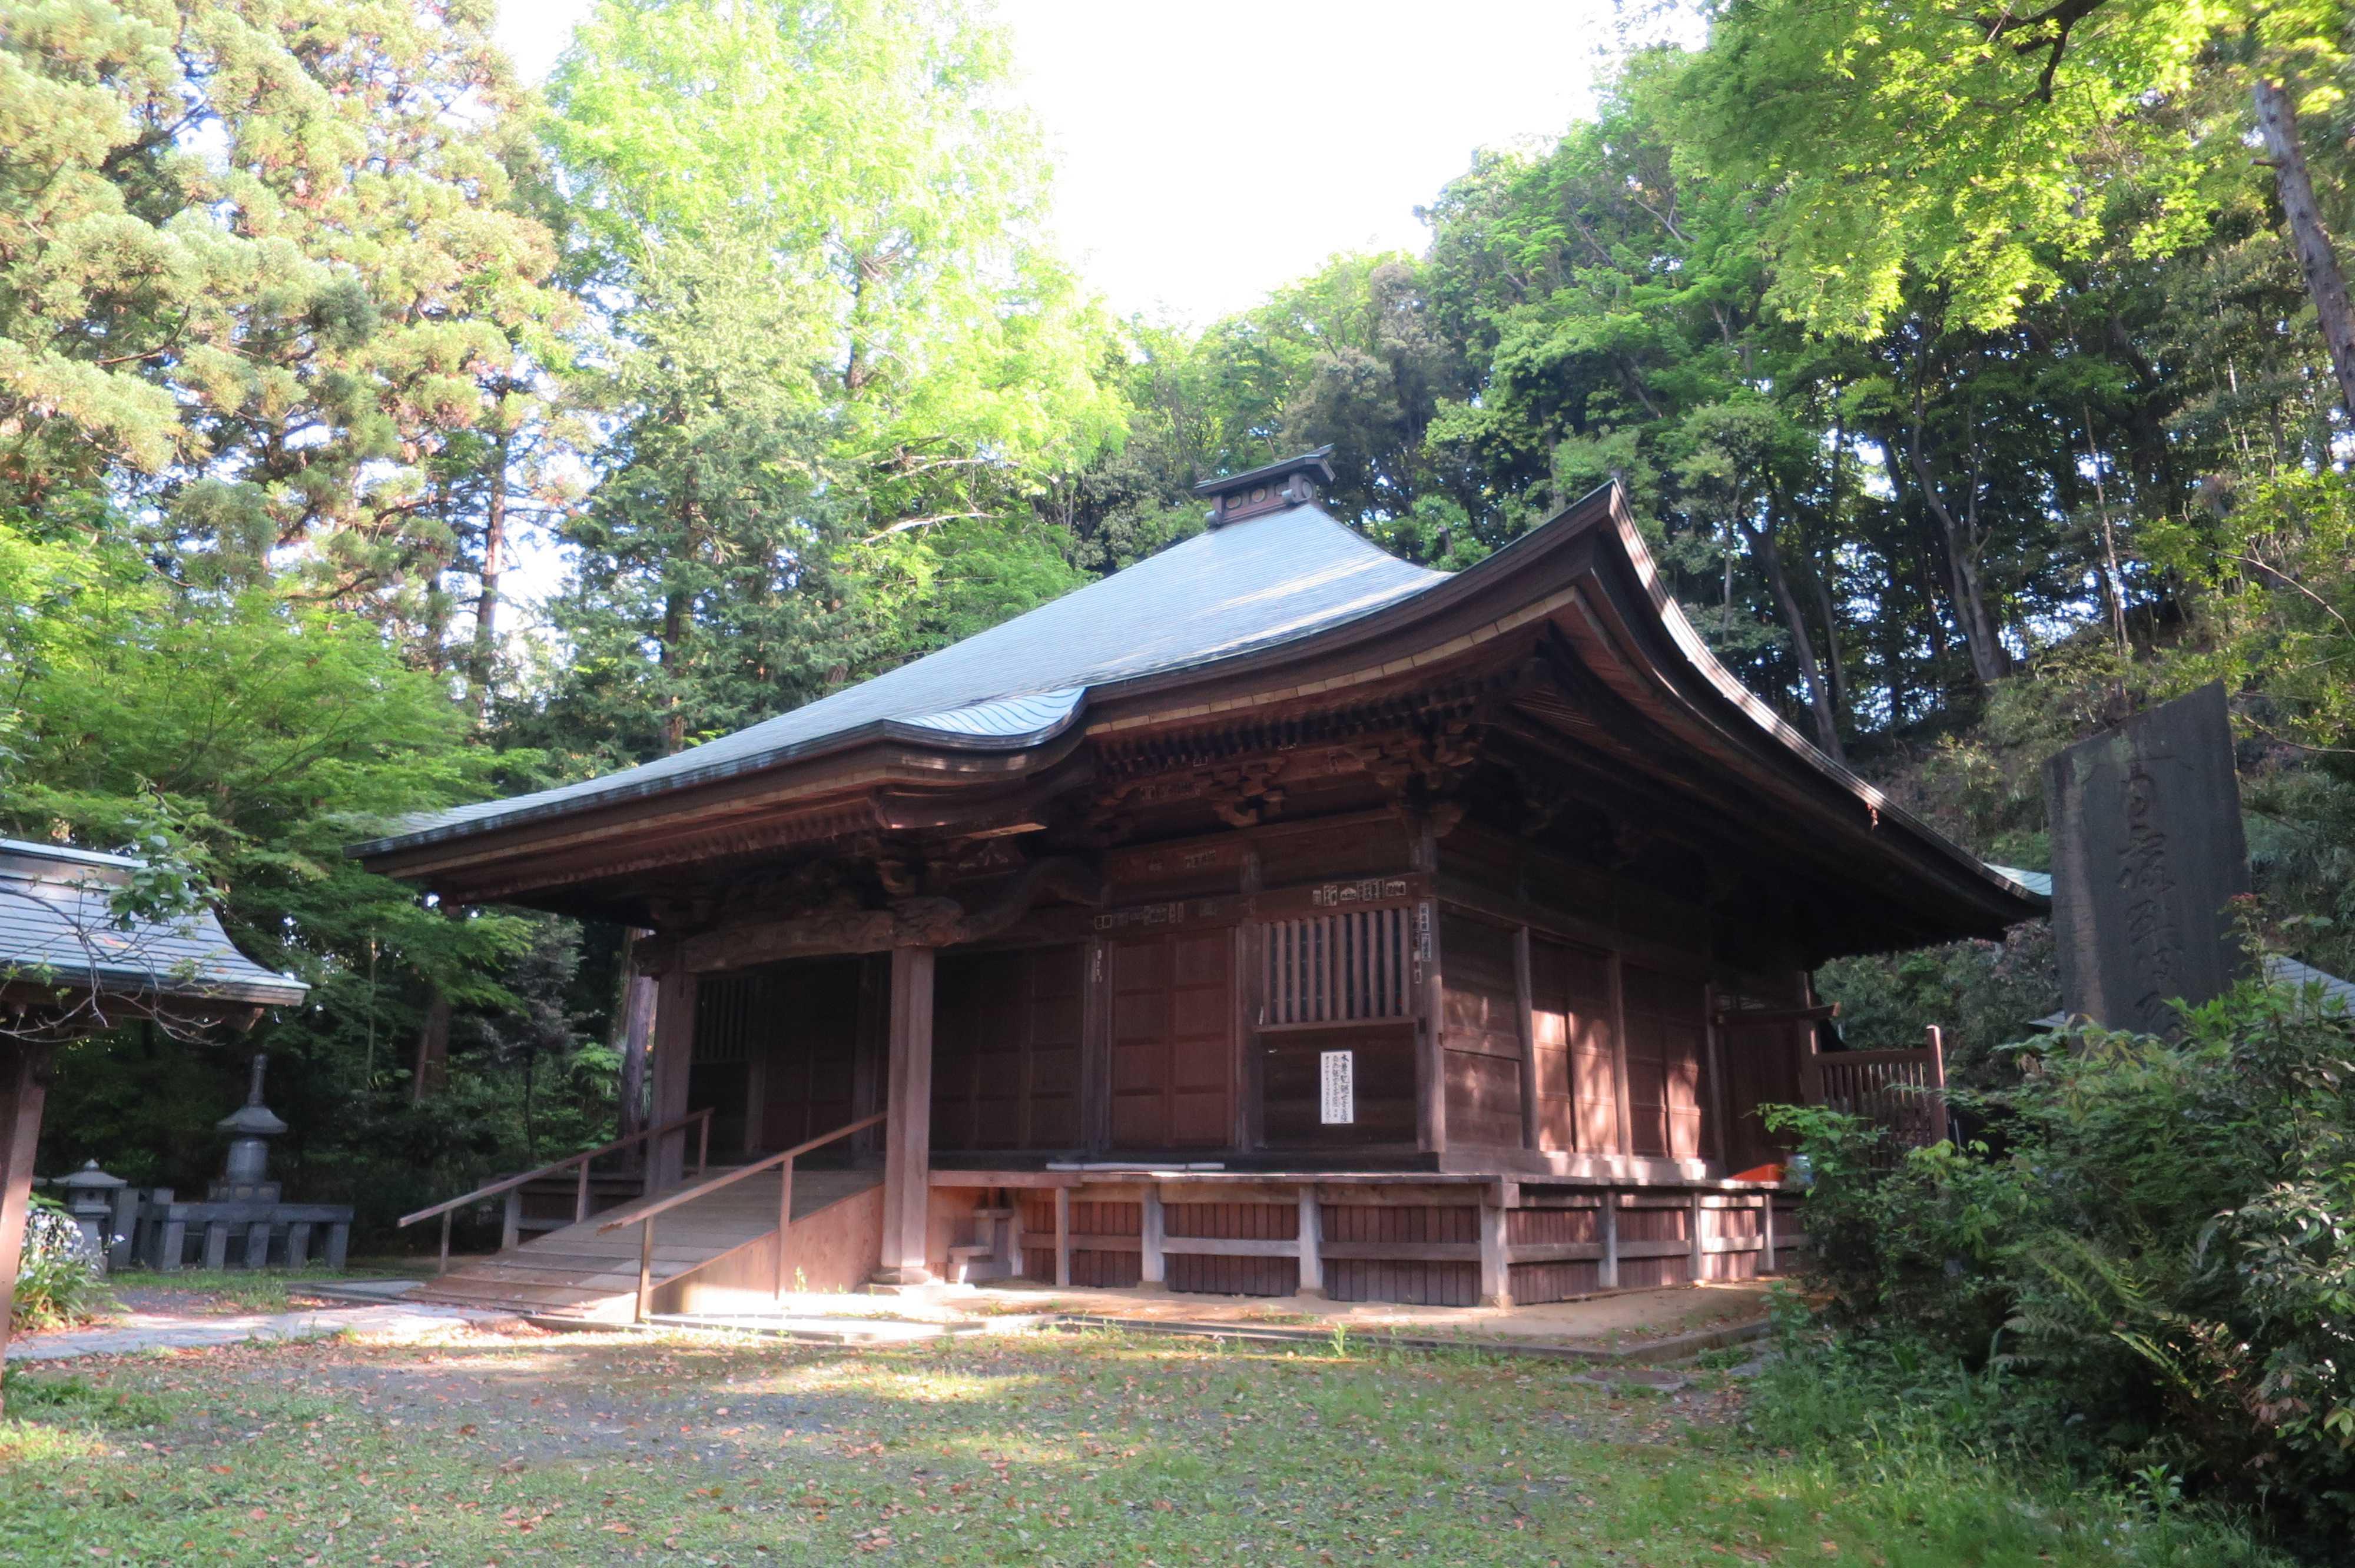 王禅寺の観音堂